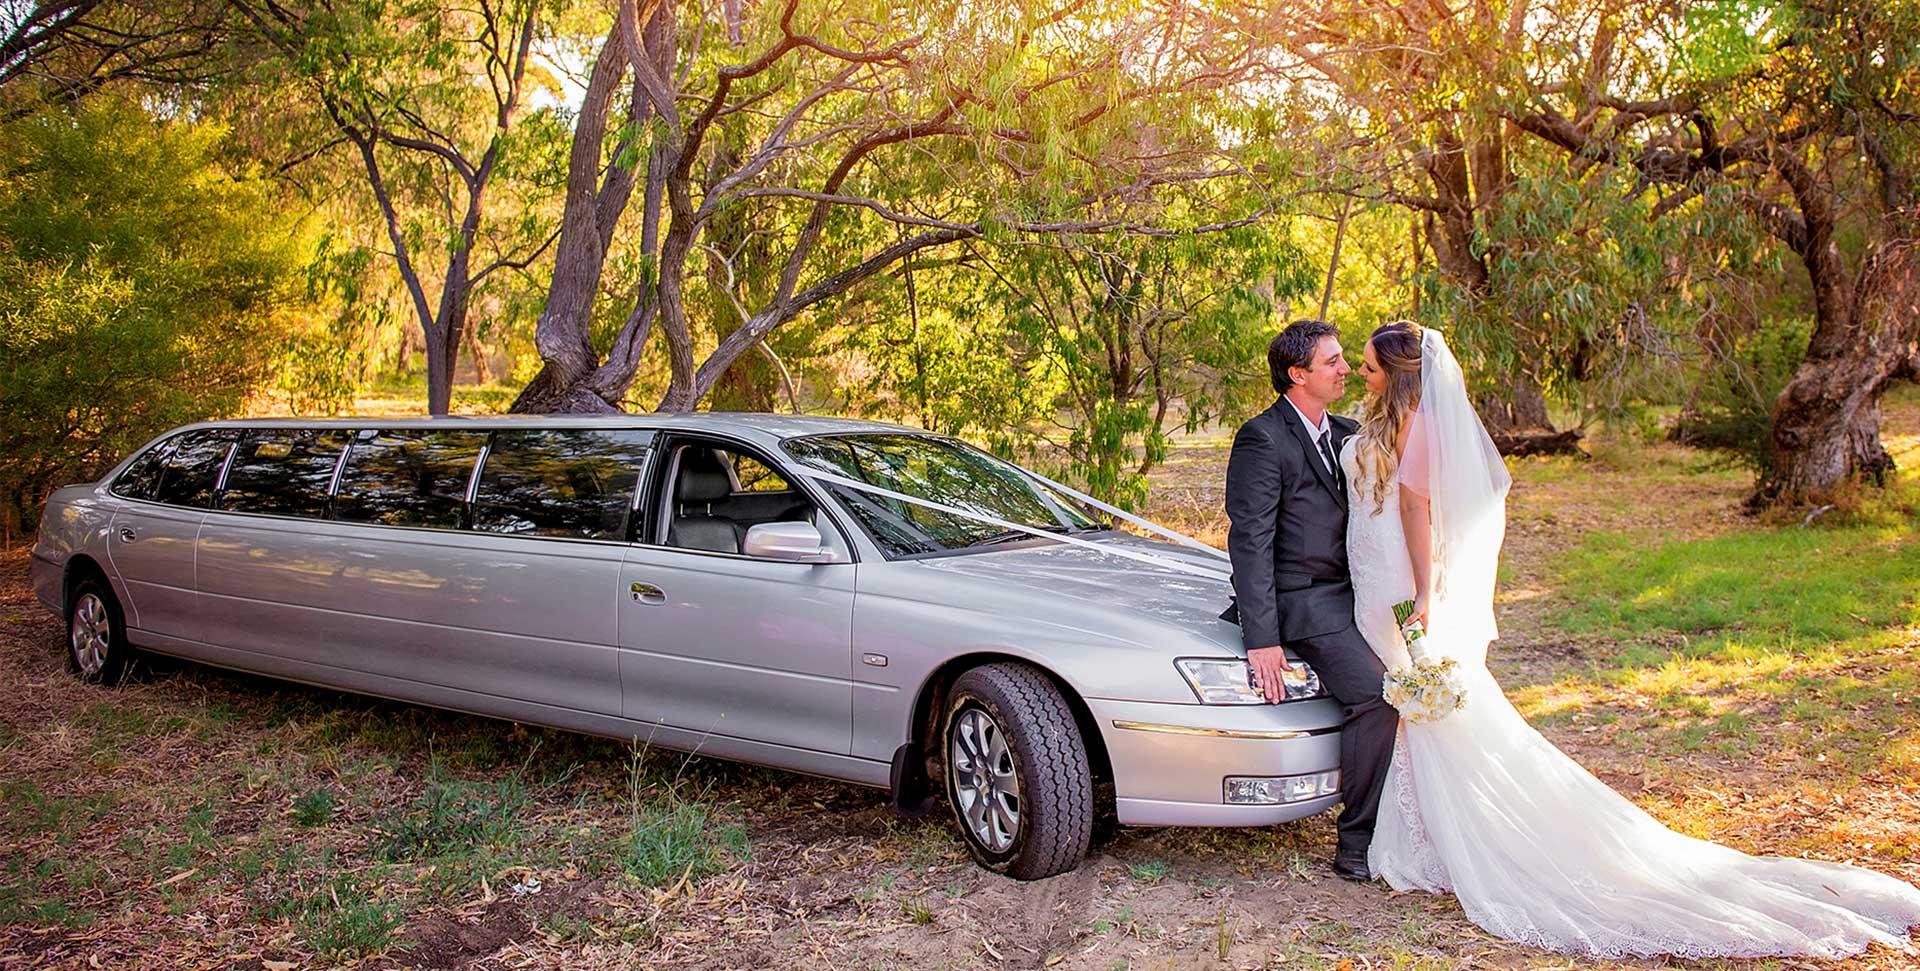 Holden Statesman Limousine